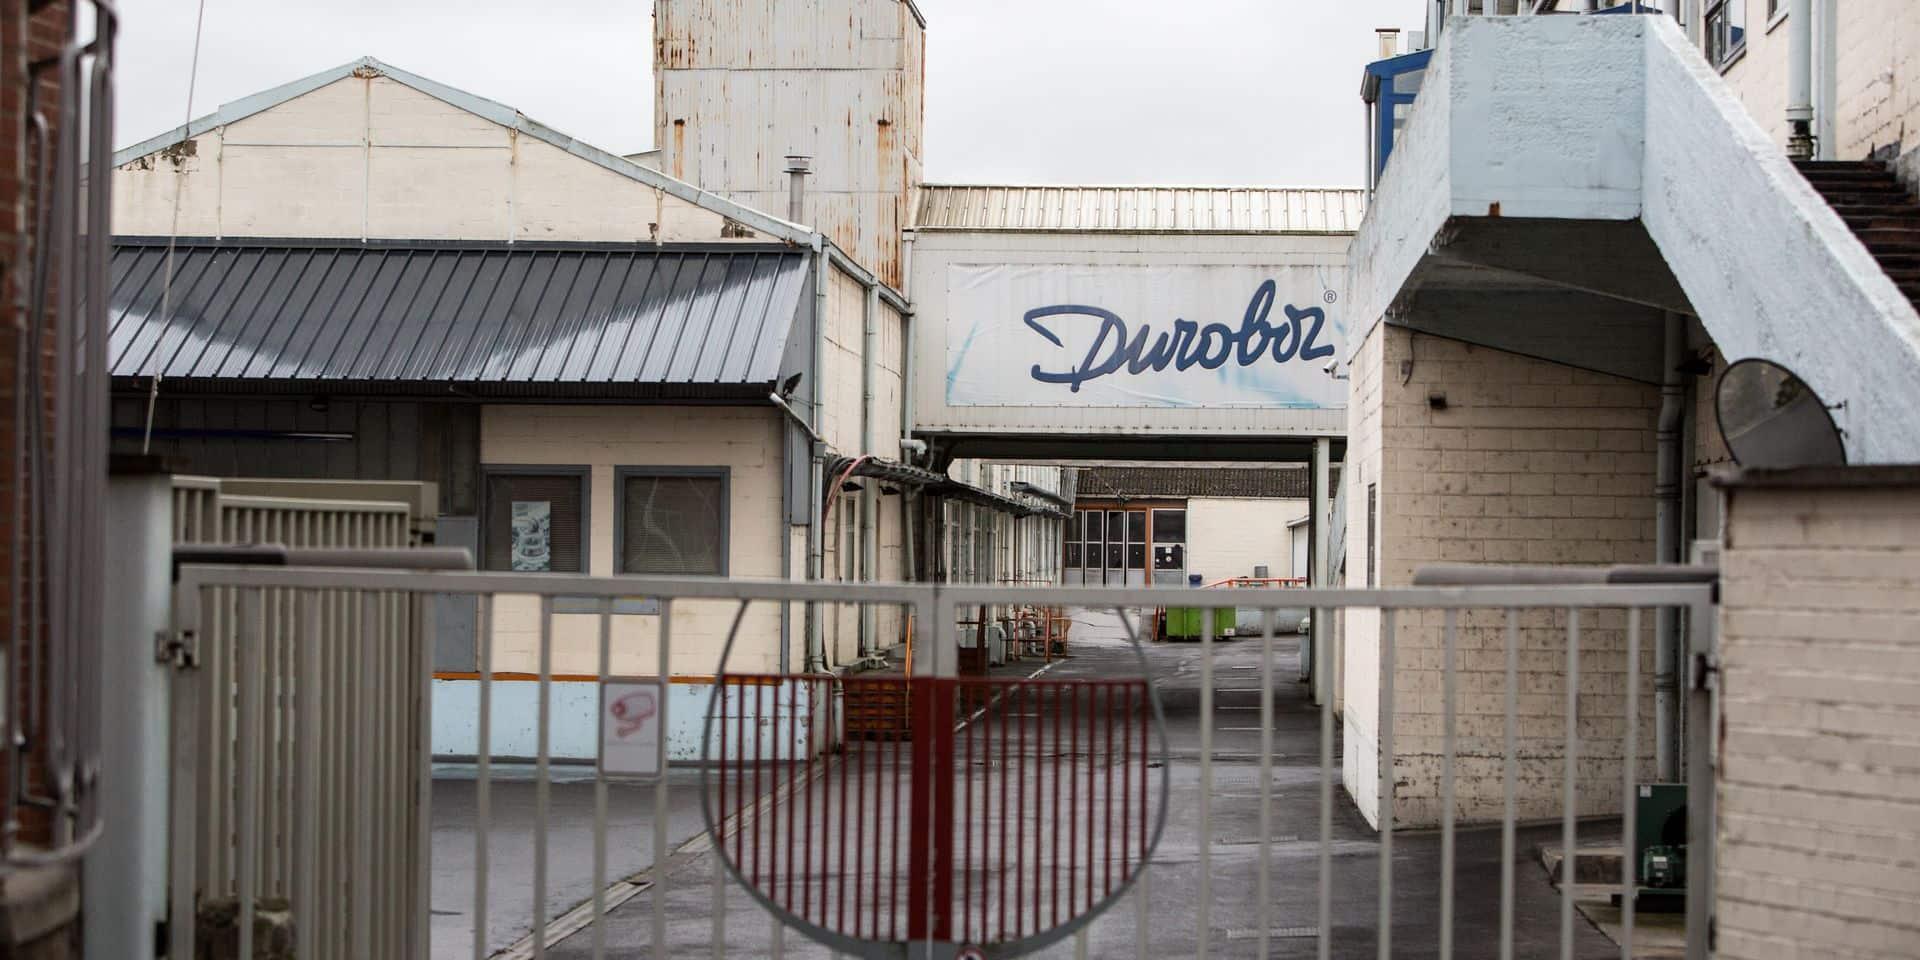 Mauvaise nouvelle pour Durobor: le nouveau candidat repreneur se retire